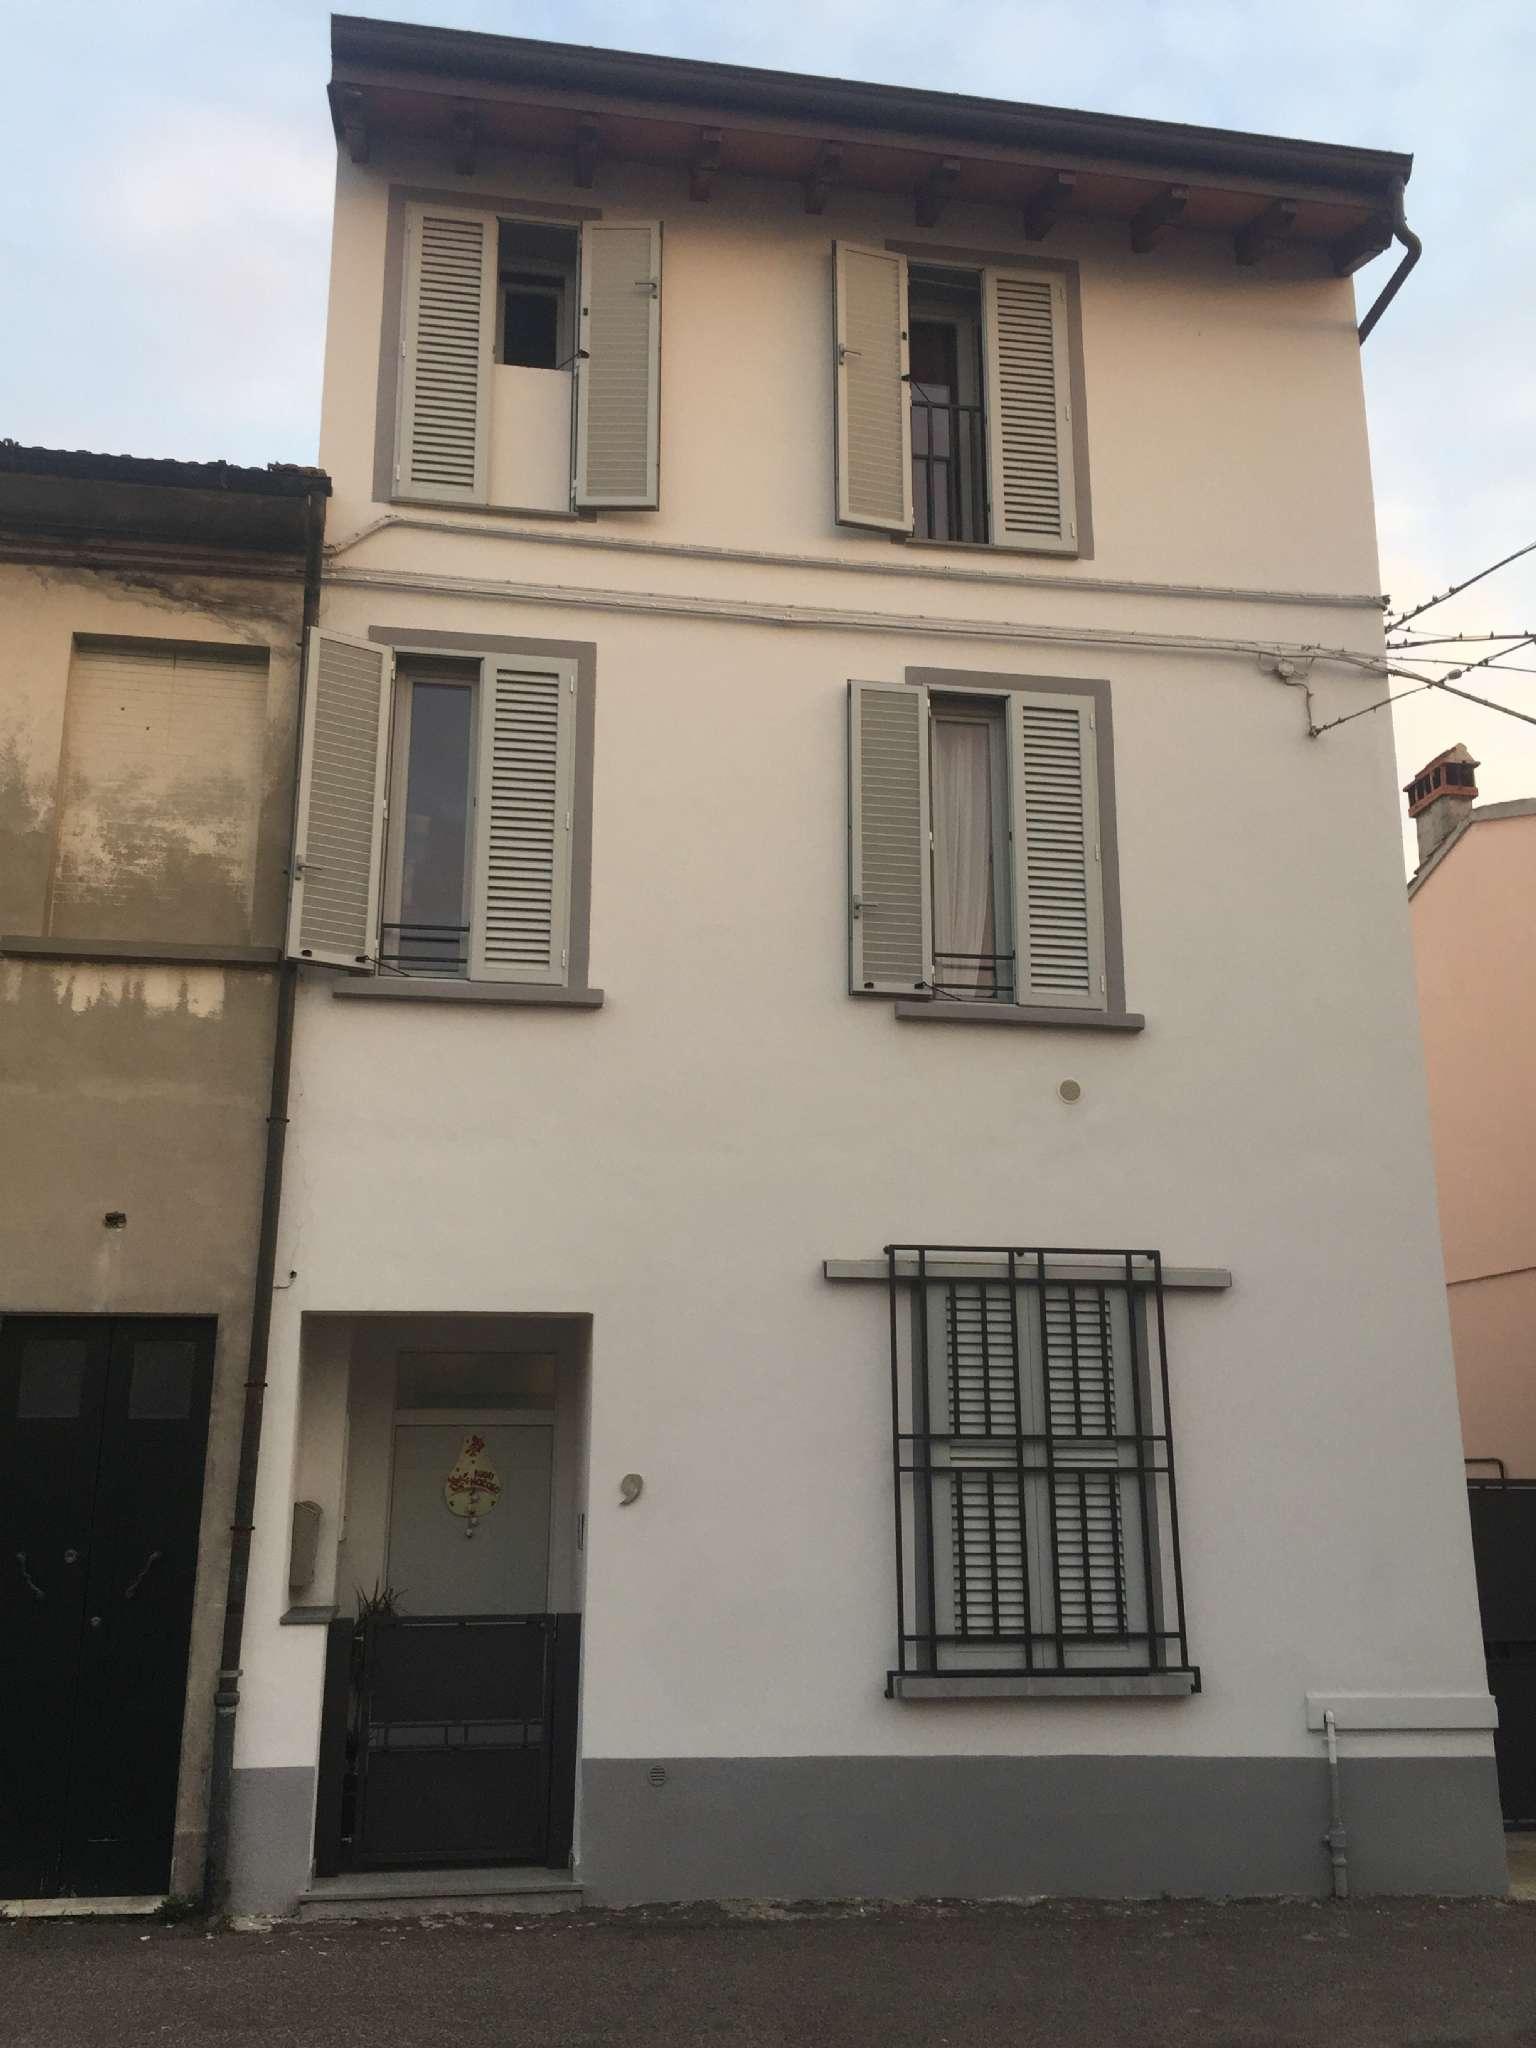 Palazzo / Stabile in vendita a Prato, 8 locali, prezzo € 345.000 | Cambio Casa.it